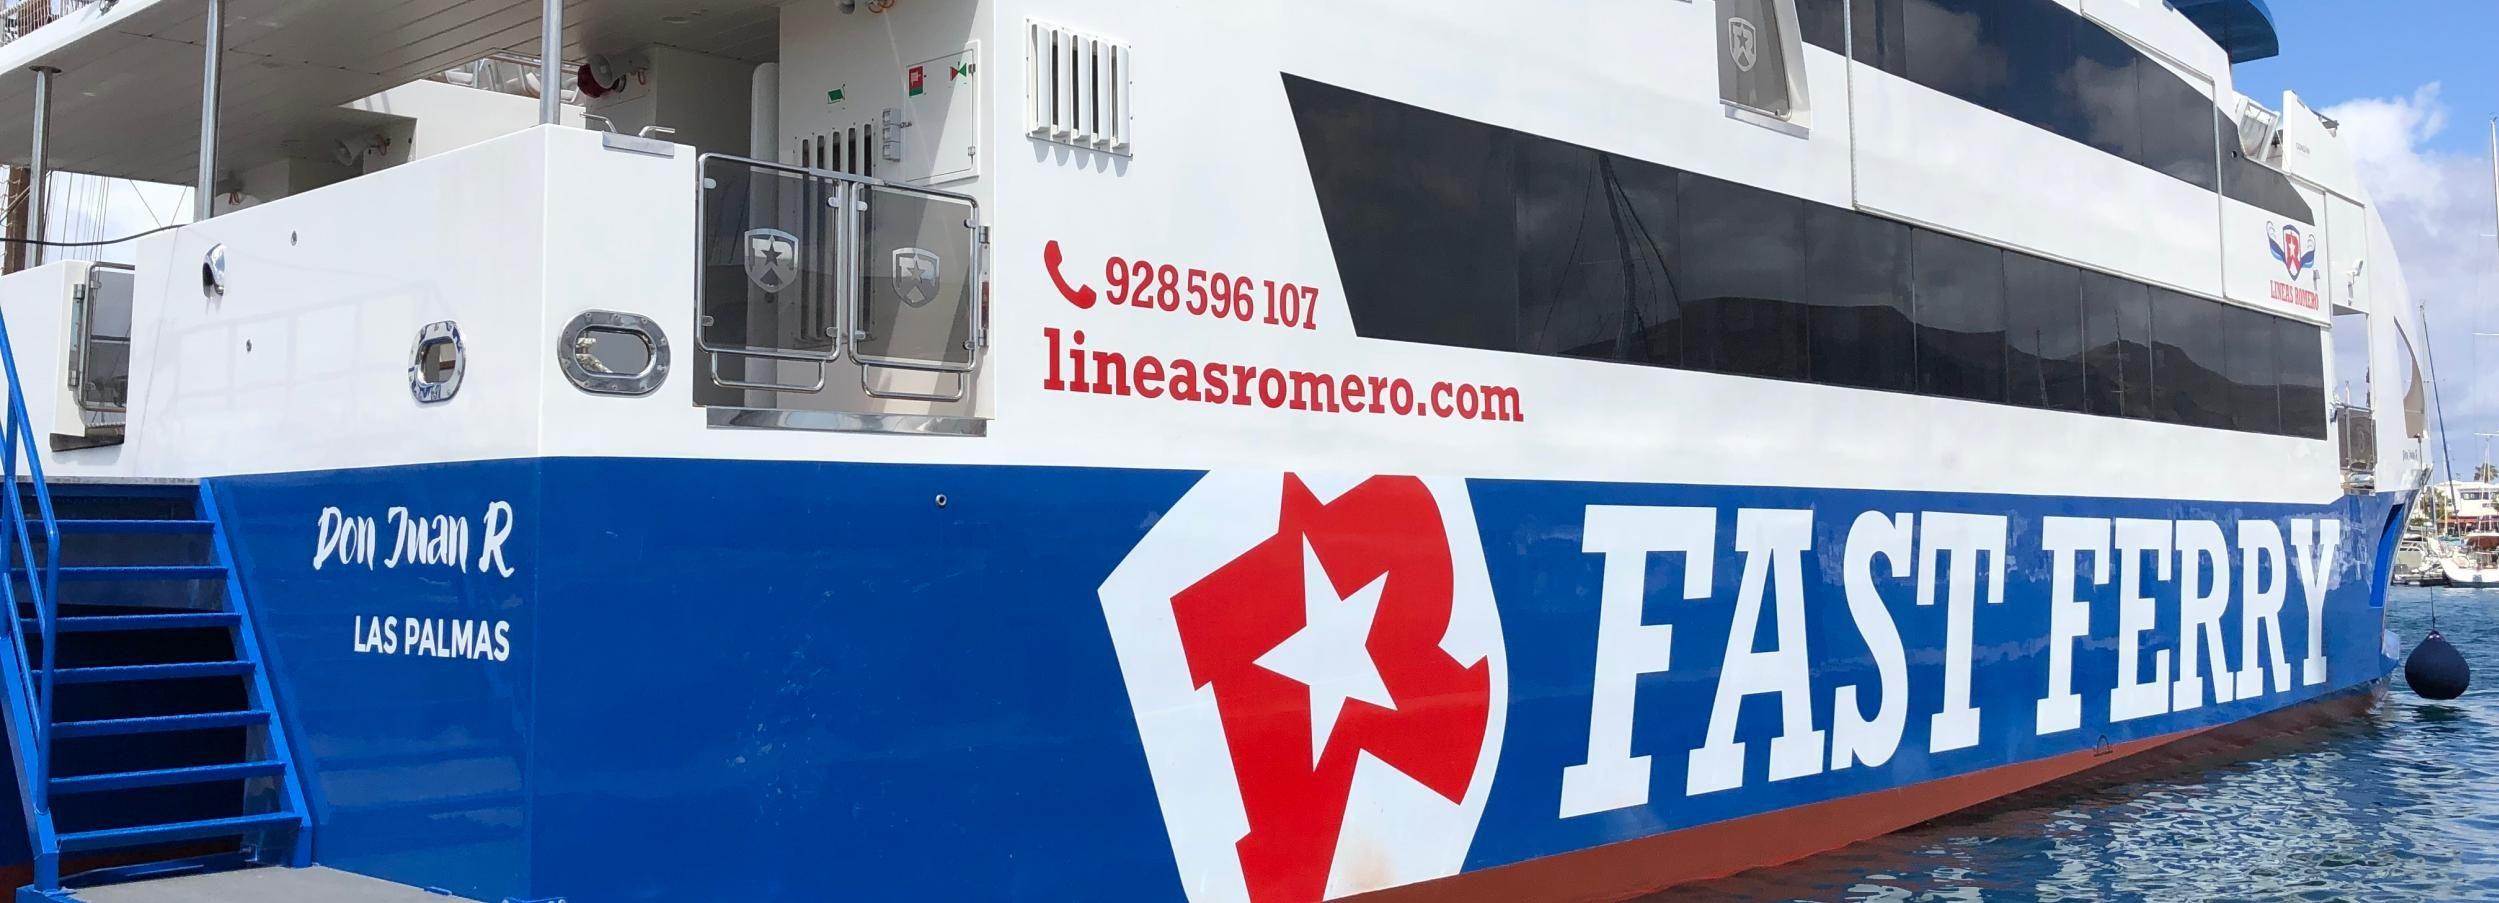 Fuerteventura: traghetto andata/ritorno da Lanzarote